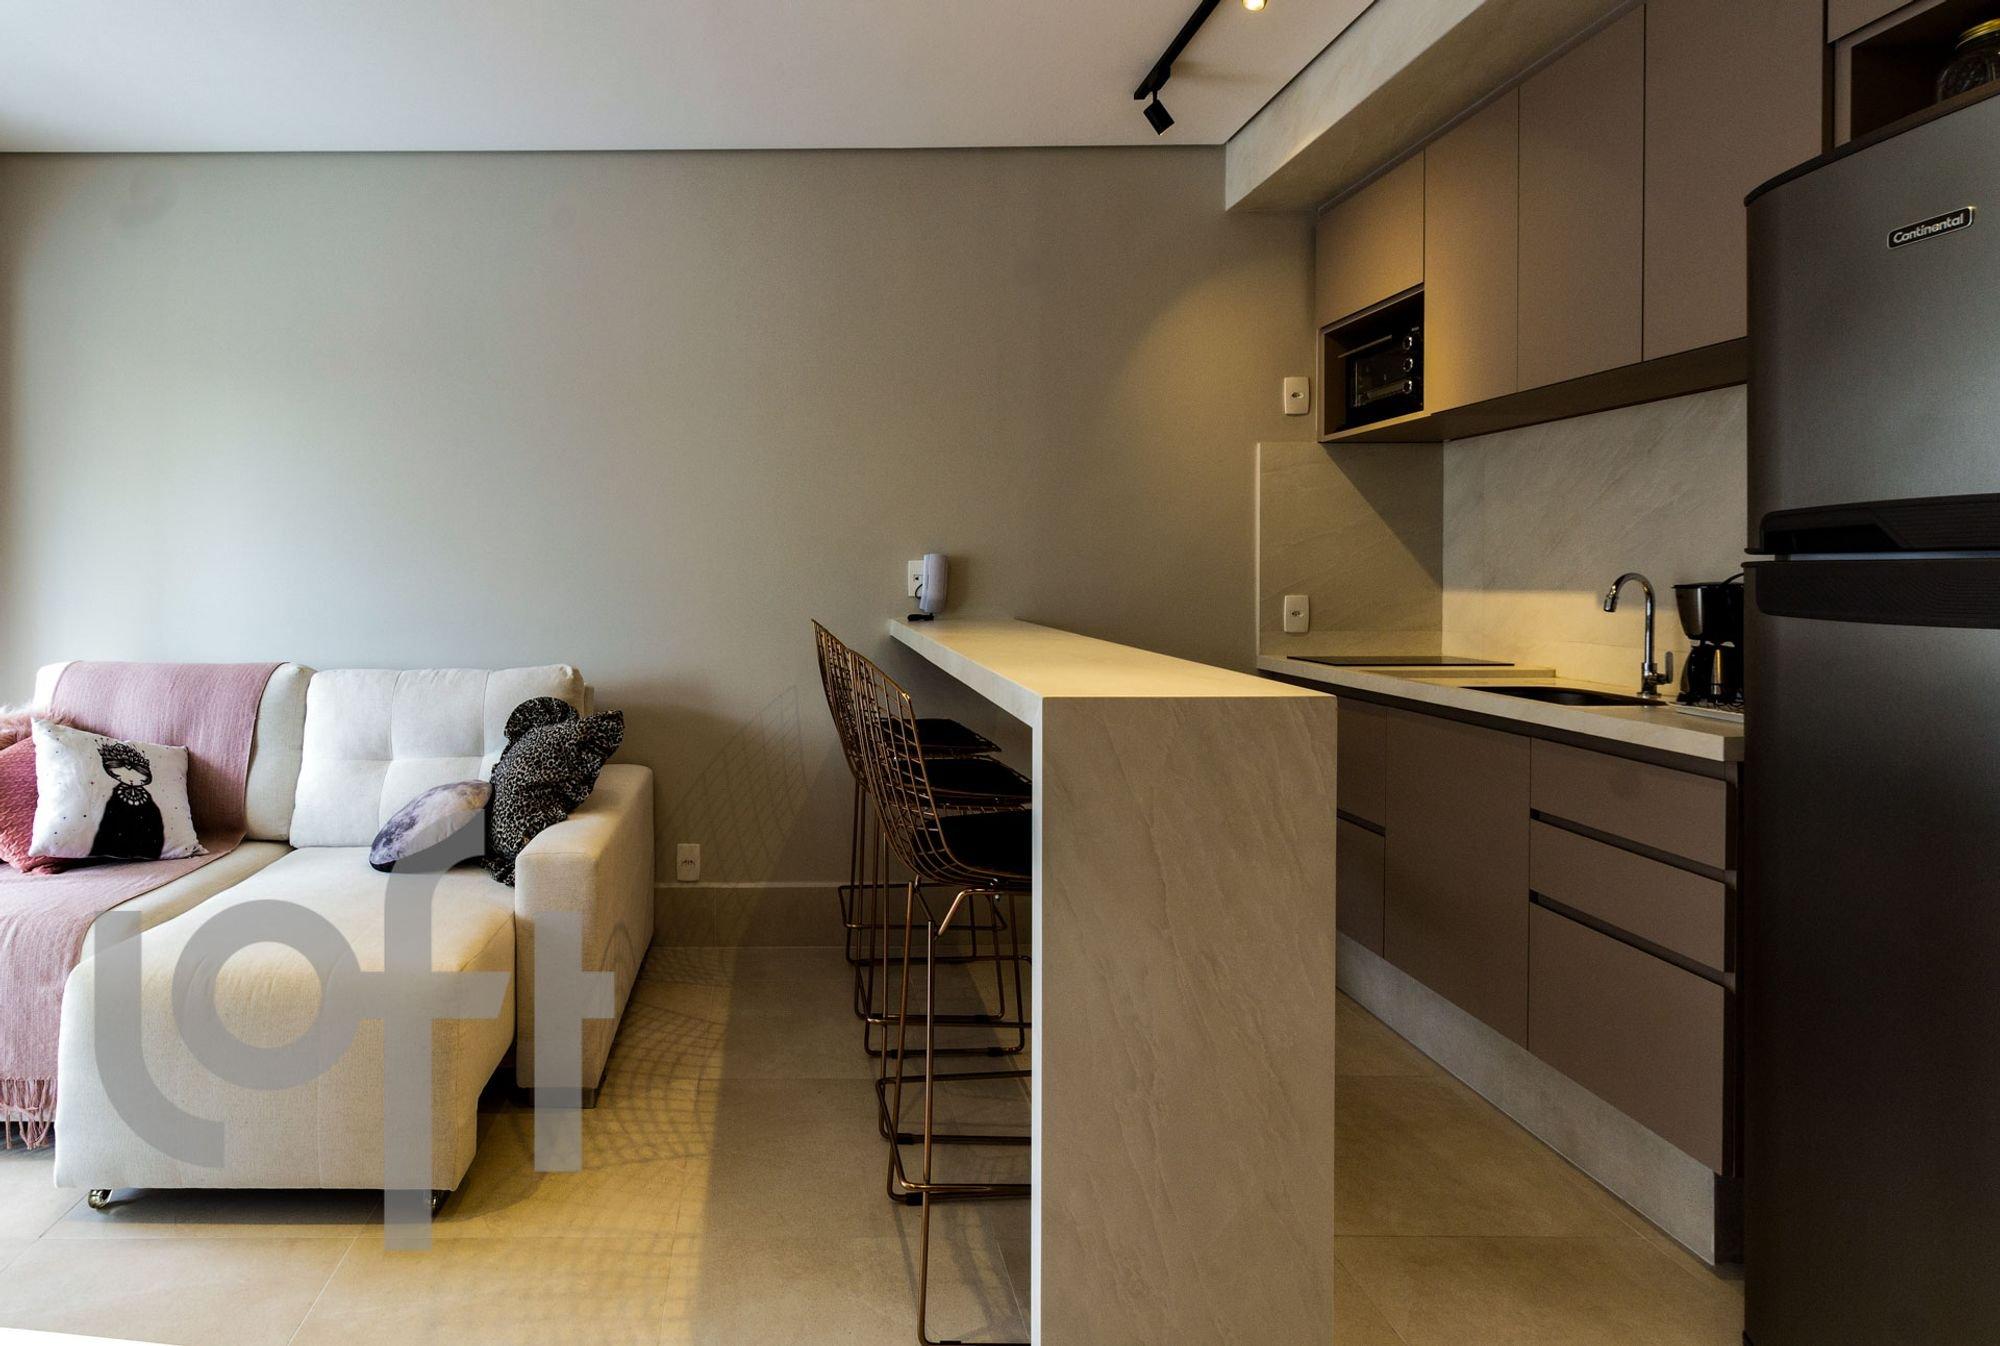 Foto de Cozinha com sofá, geladeira, pia, cadeira